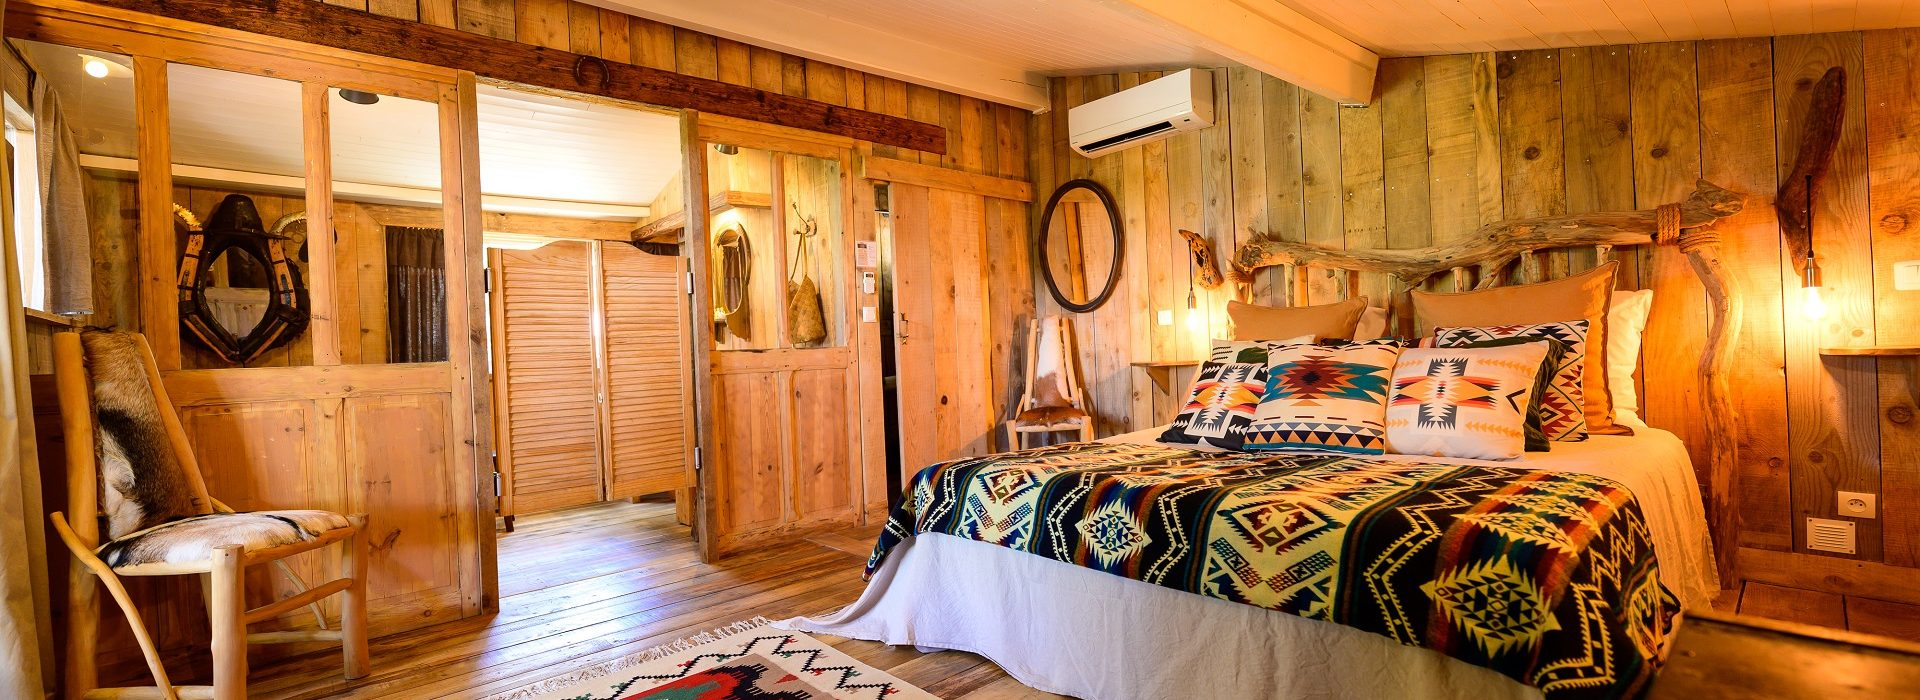 Cabane en bois luxe Chippawa